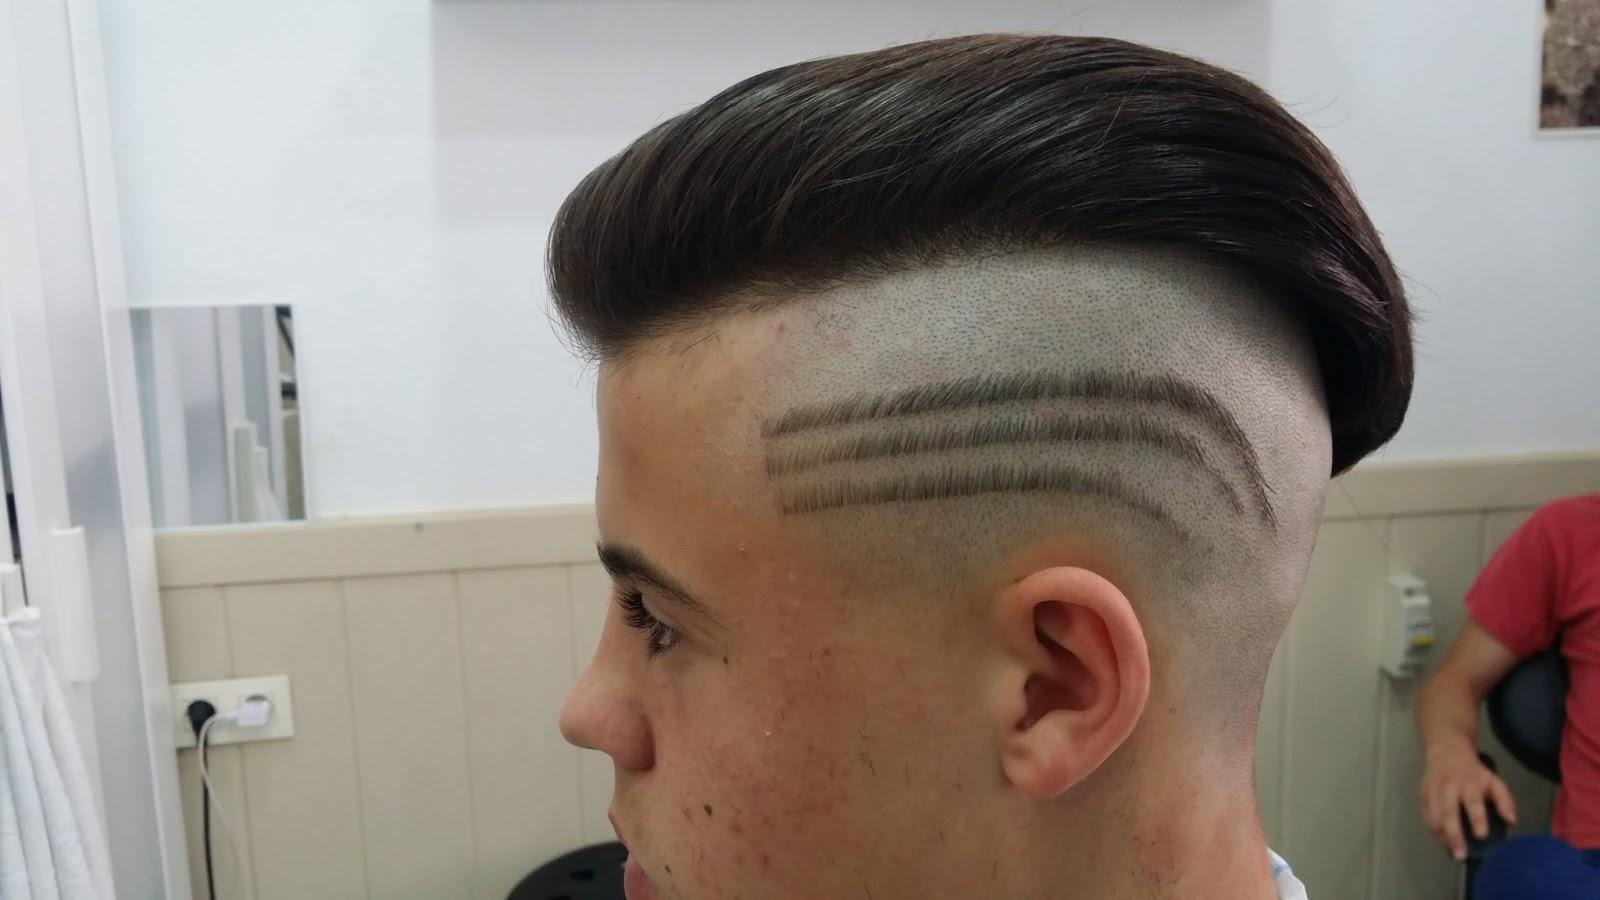 Peluquer a caballeros nuevo estilo ultimos cortes con - Nuevo estilo peluqueria ...